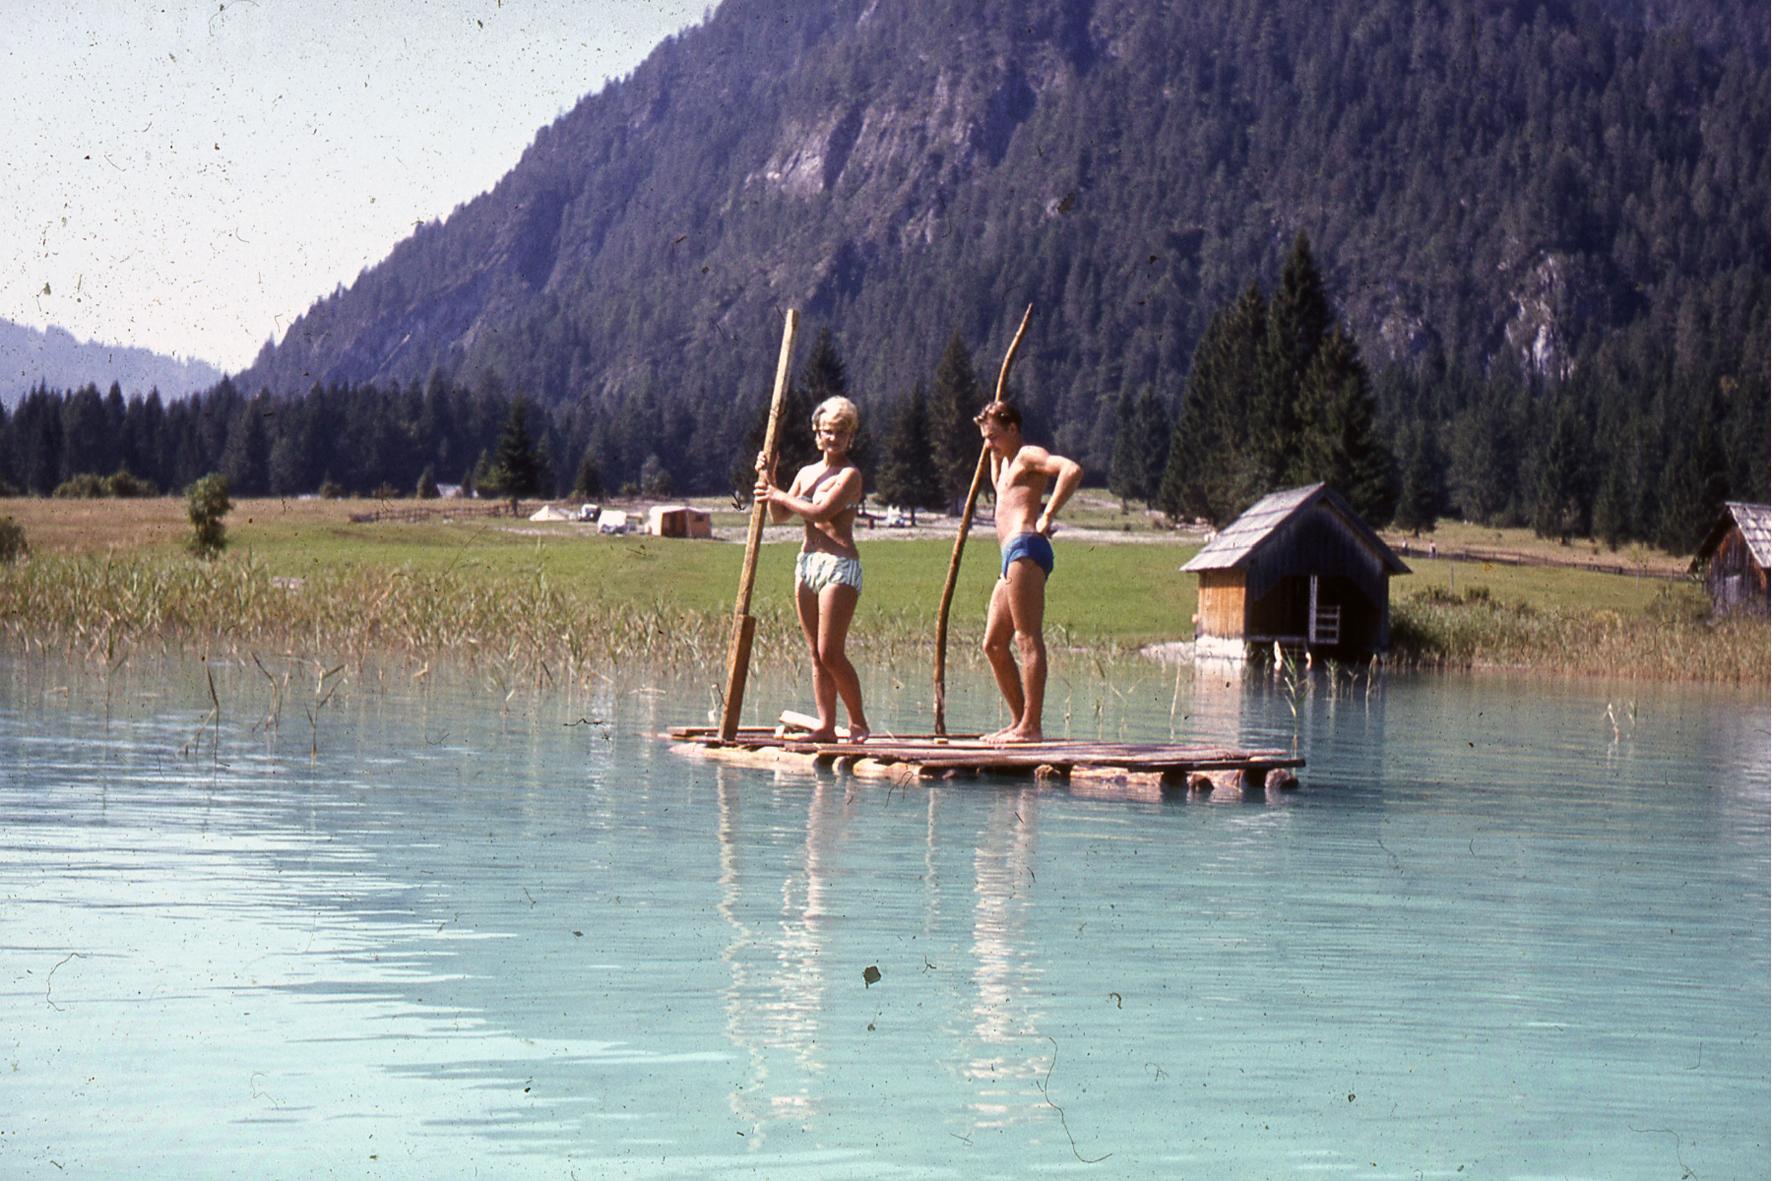 taz blogs » auf metaphorischen flössen/ kurzurlaub im hyperrealen